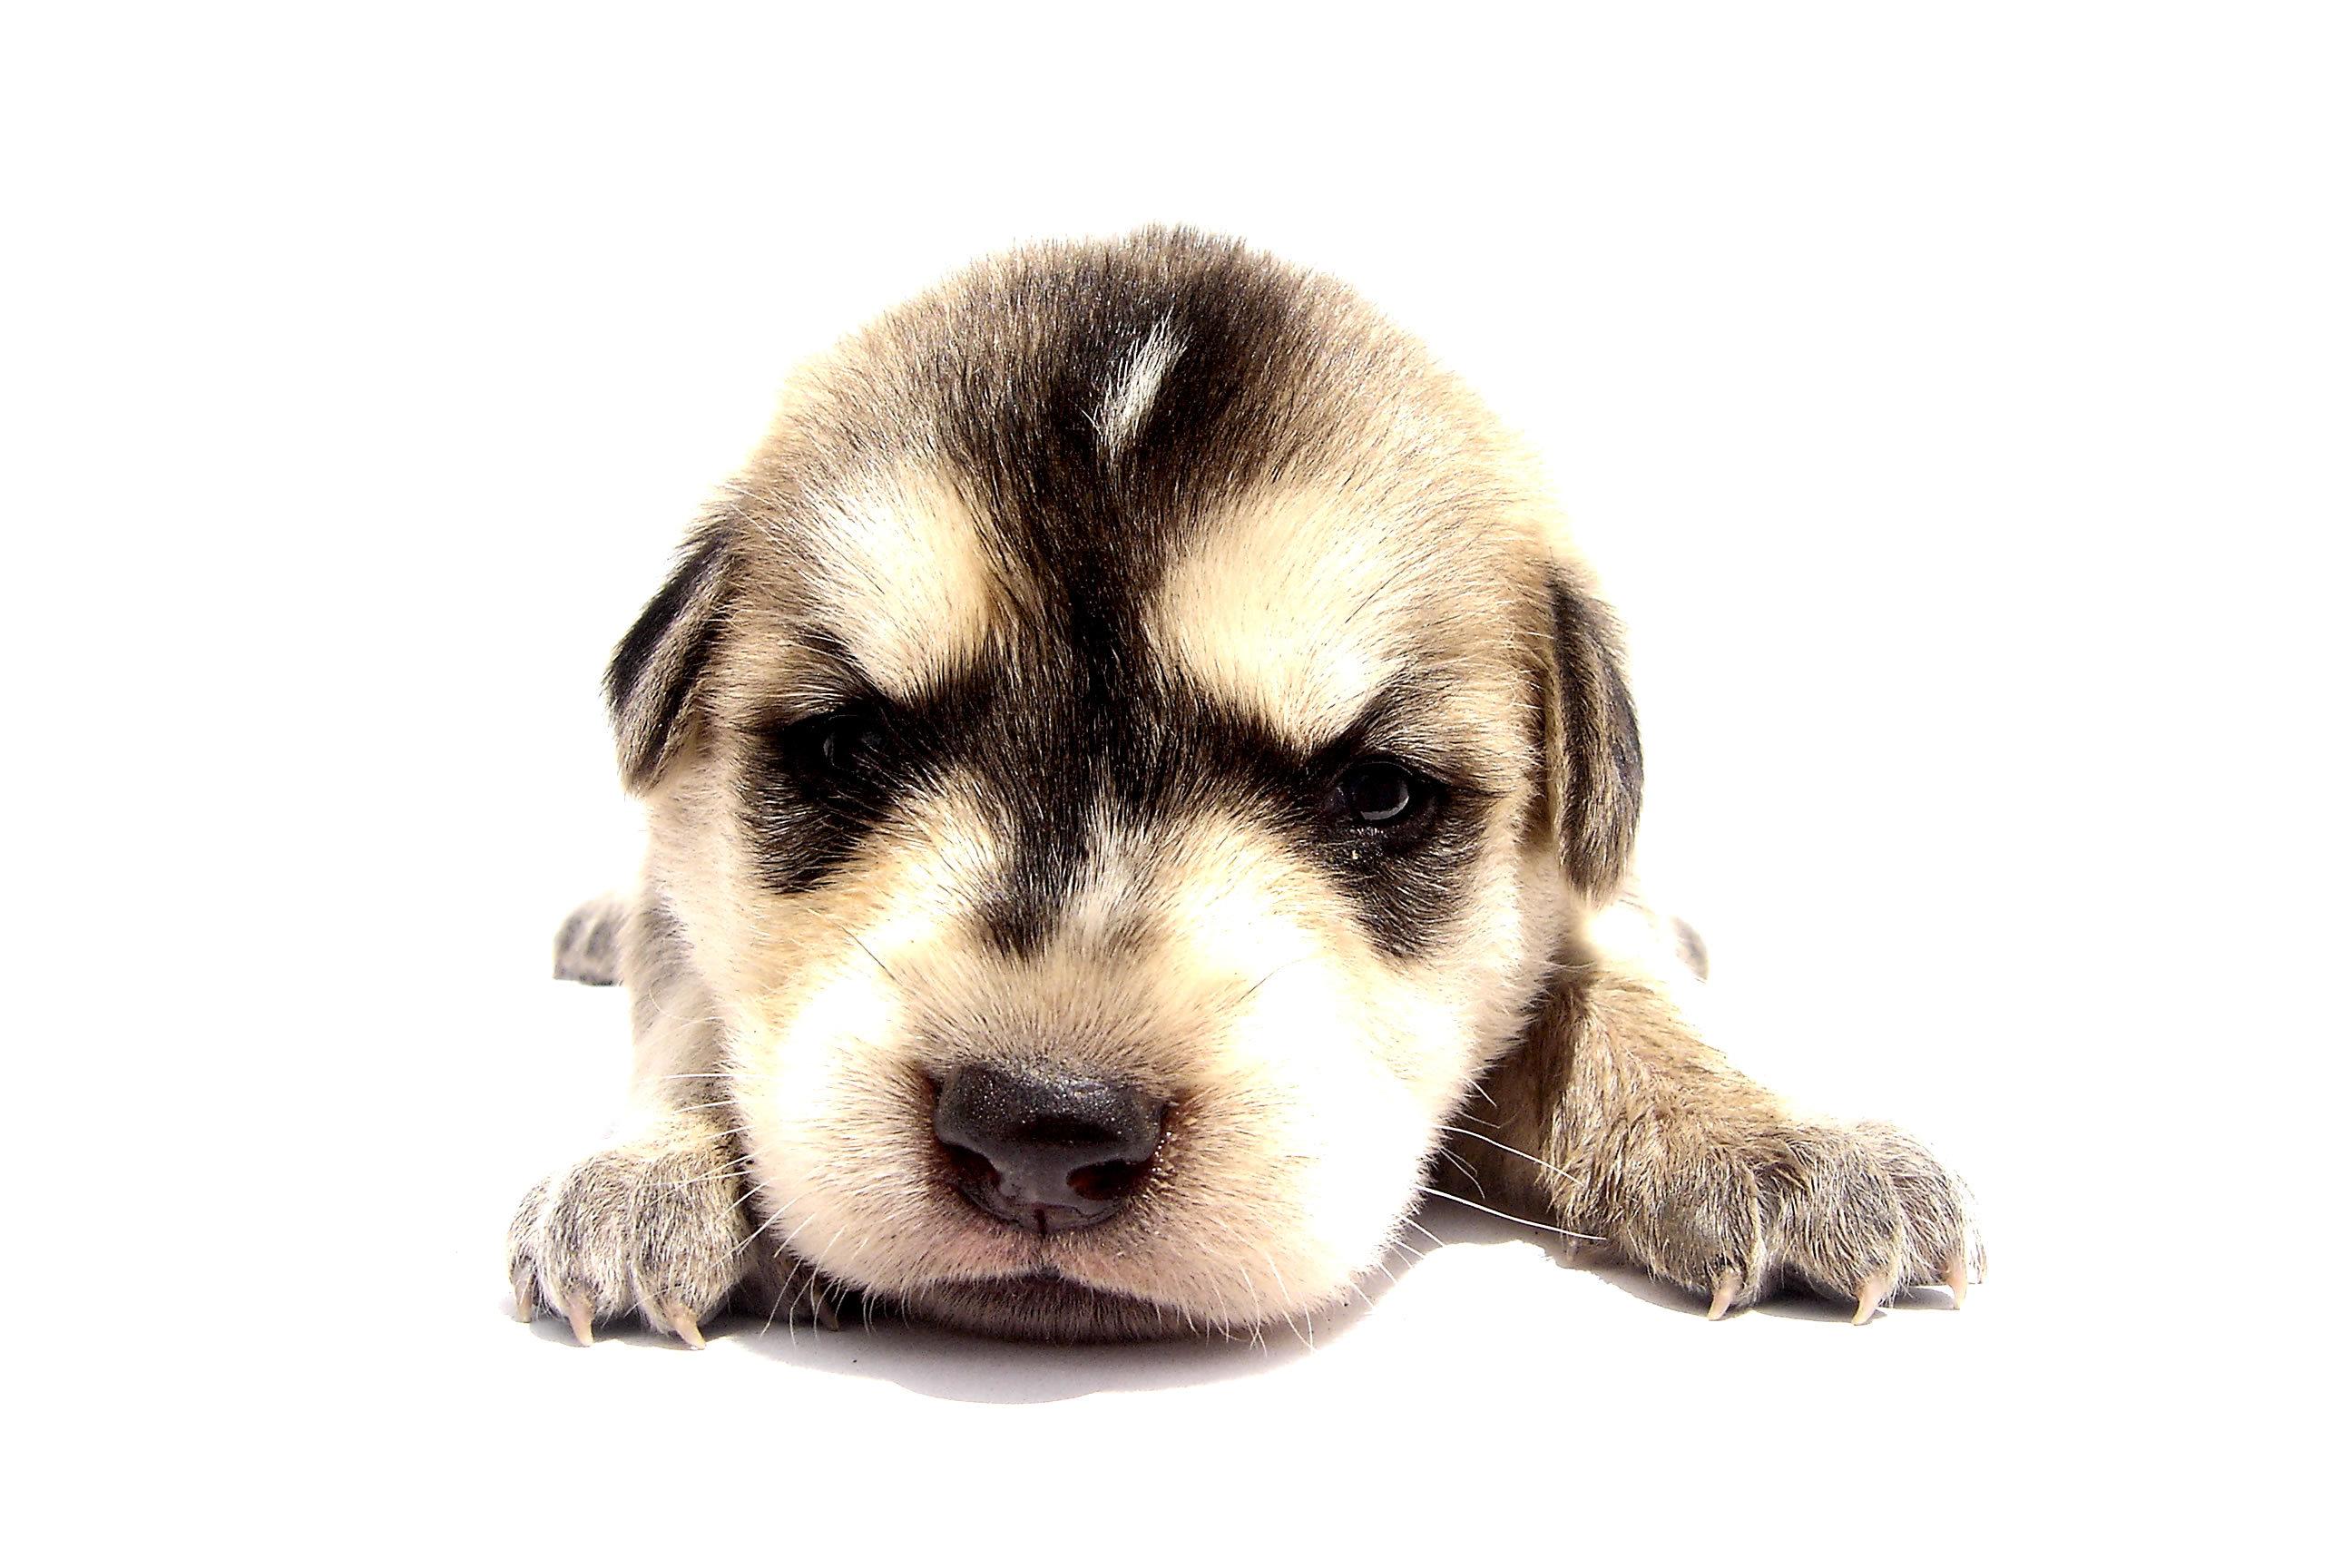 Dags att skaffa hund – tänk på detta!